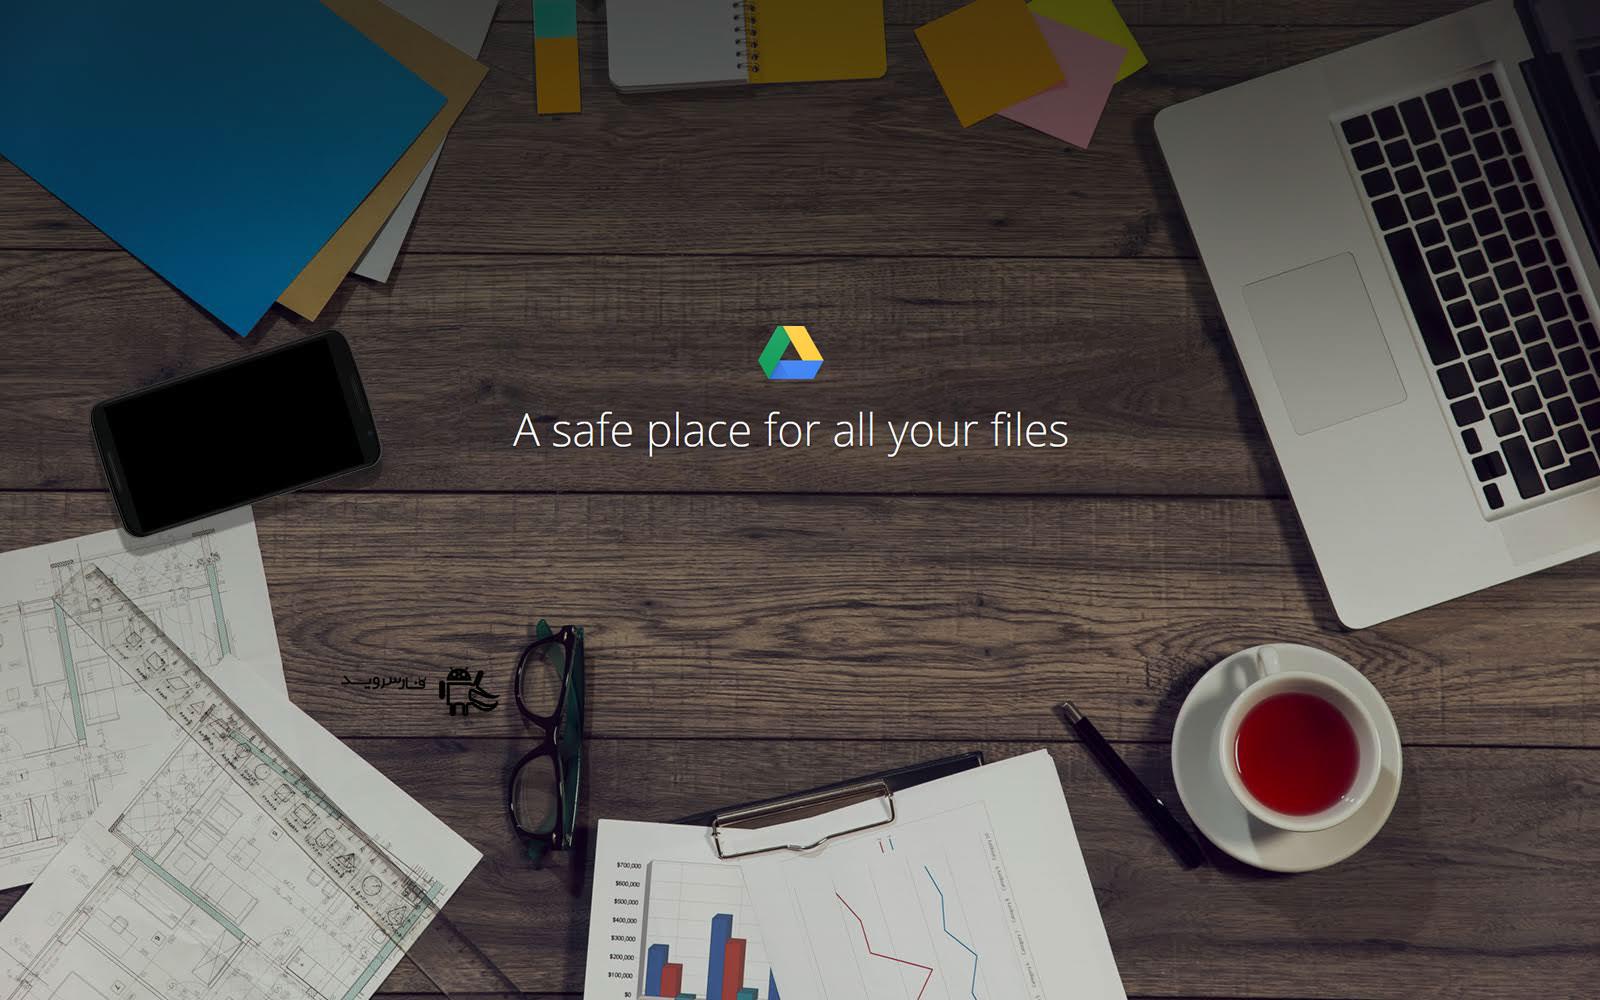 دانلود Google Drive - اپلیکیشن رسمی گوگل درایو برای اندروید